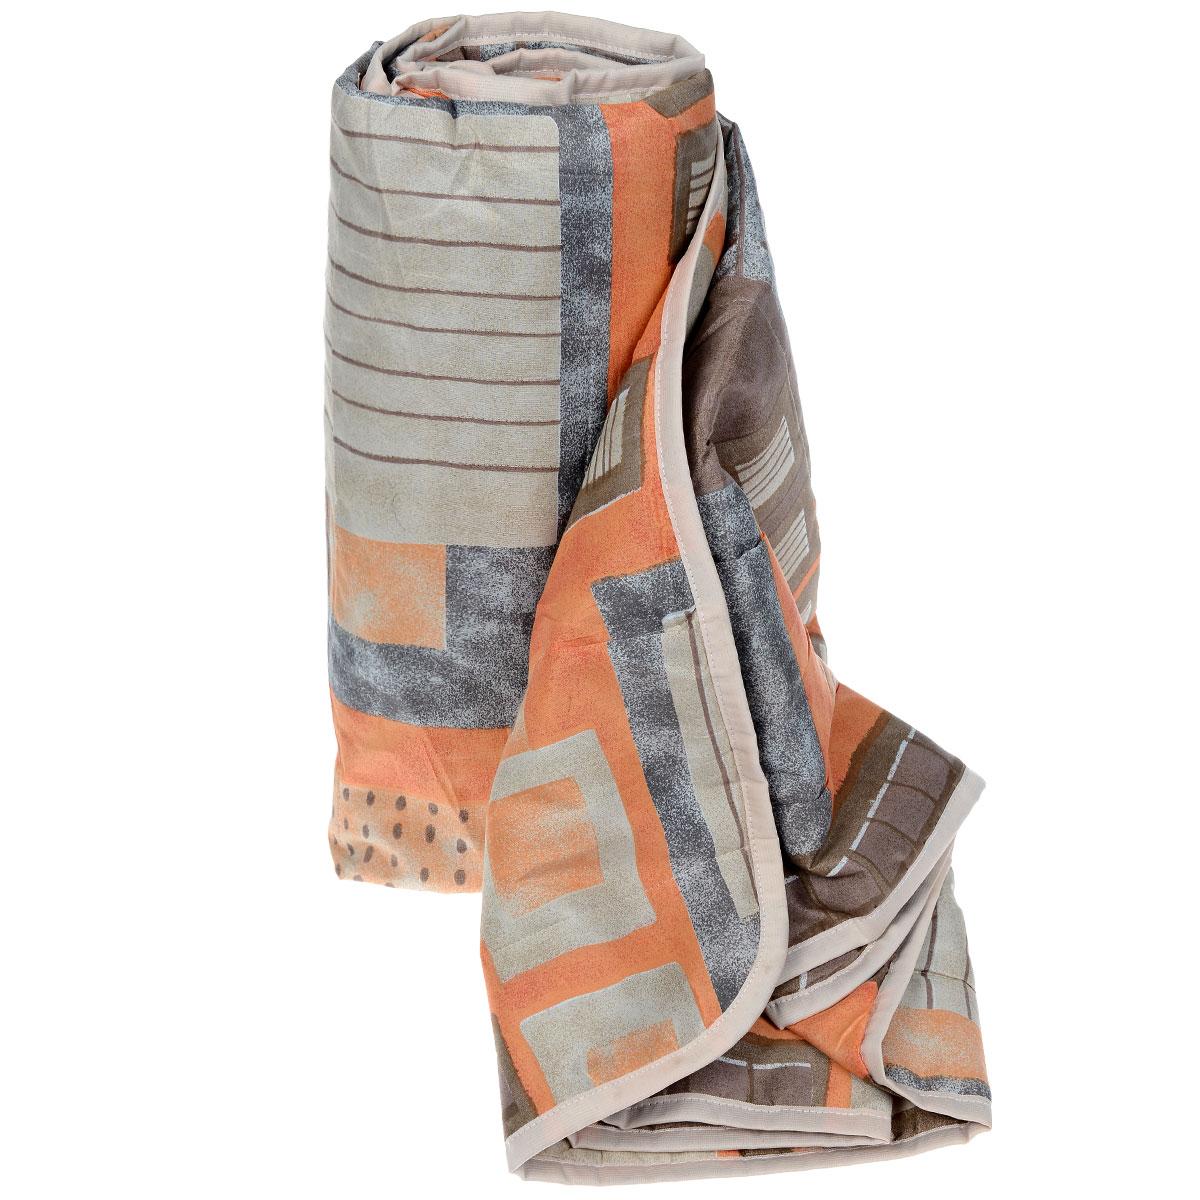 Одеяло летнее OL-Tex Квадраты, наполнитель: полиэфирное волокно Holfiteks, 200 х 220 смМХПЭ-22-1 _коричневый, оранжевыйЛегкое летнее одеяло OL-Tex Квадраты создаст комфорт и уют во время сна. Чехол выполнен из полиэстера и оформлен красочным цветочным рисунком. Внутри - современный наполнитель из полиэфирного высокосиликонизированного волокна холфитекс, упругий и качественный. Прекрасно держит тепло. Одеяло с наполнителем холфитекс легкое и комфортное. Даже после многократных стирок не теряет свою форму, наполнитель не сбивается, так как одеяло простегано и окантовано. Рекомендации по уходу: - Ручная и машинная стирка при температуре 30°С. - Не гладить. - Не отбеливать. - Нельзя отжимать и сушить в стиральной машине. - Сушить вертикально. Размер одеяла: 200 см х 220 см. Материал чехла: 100% полиэстер. Материал наполнителя: холфитекс.